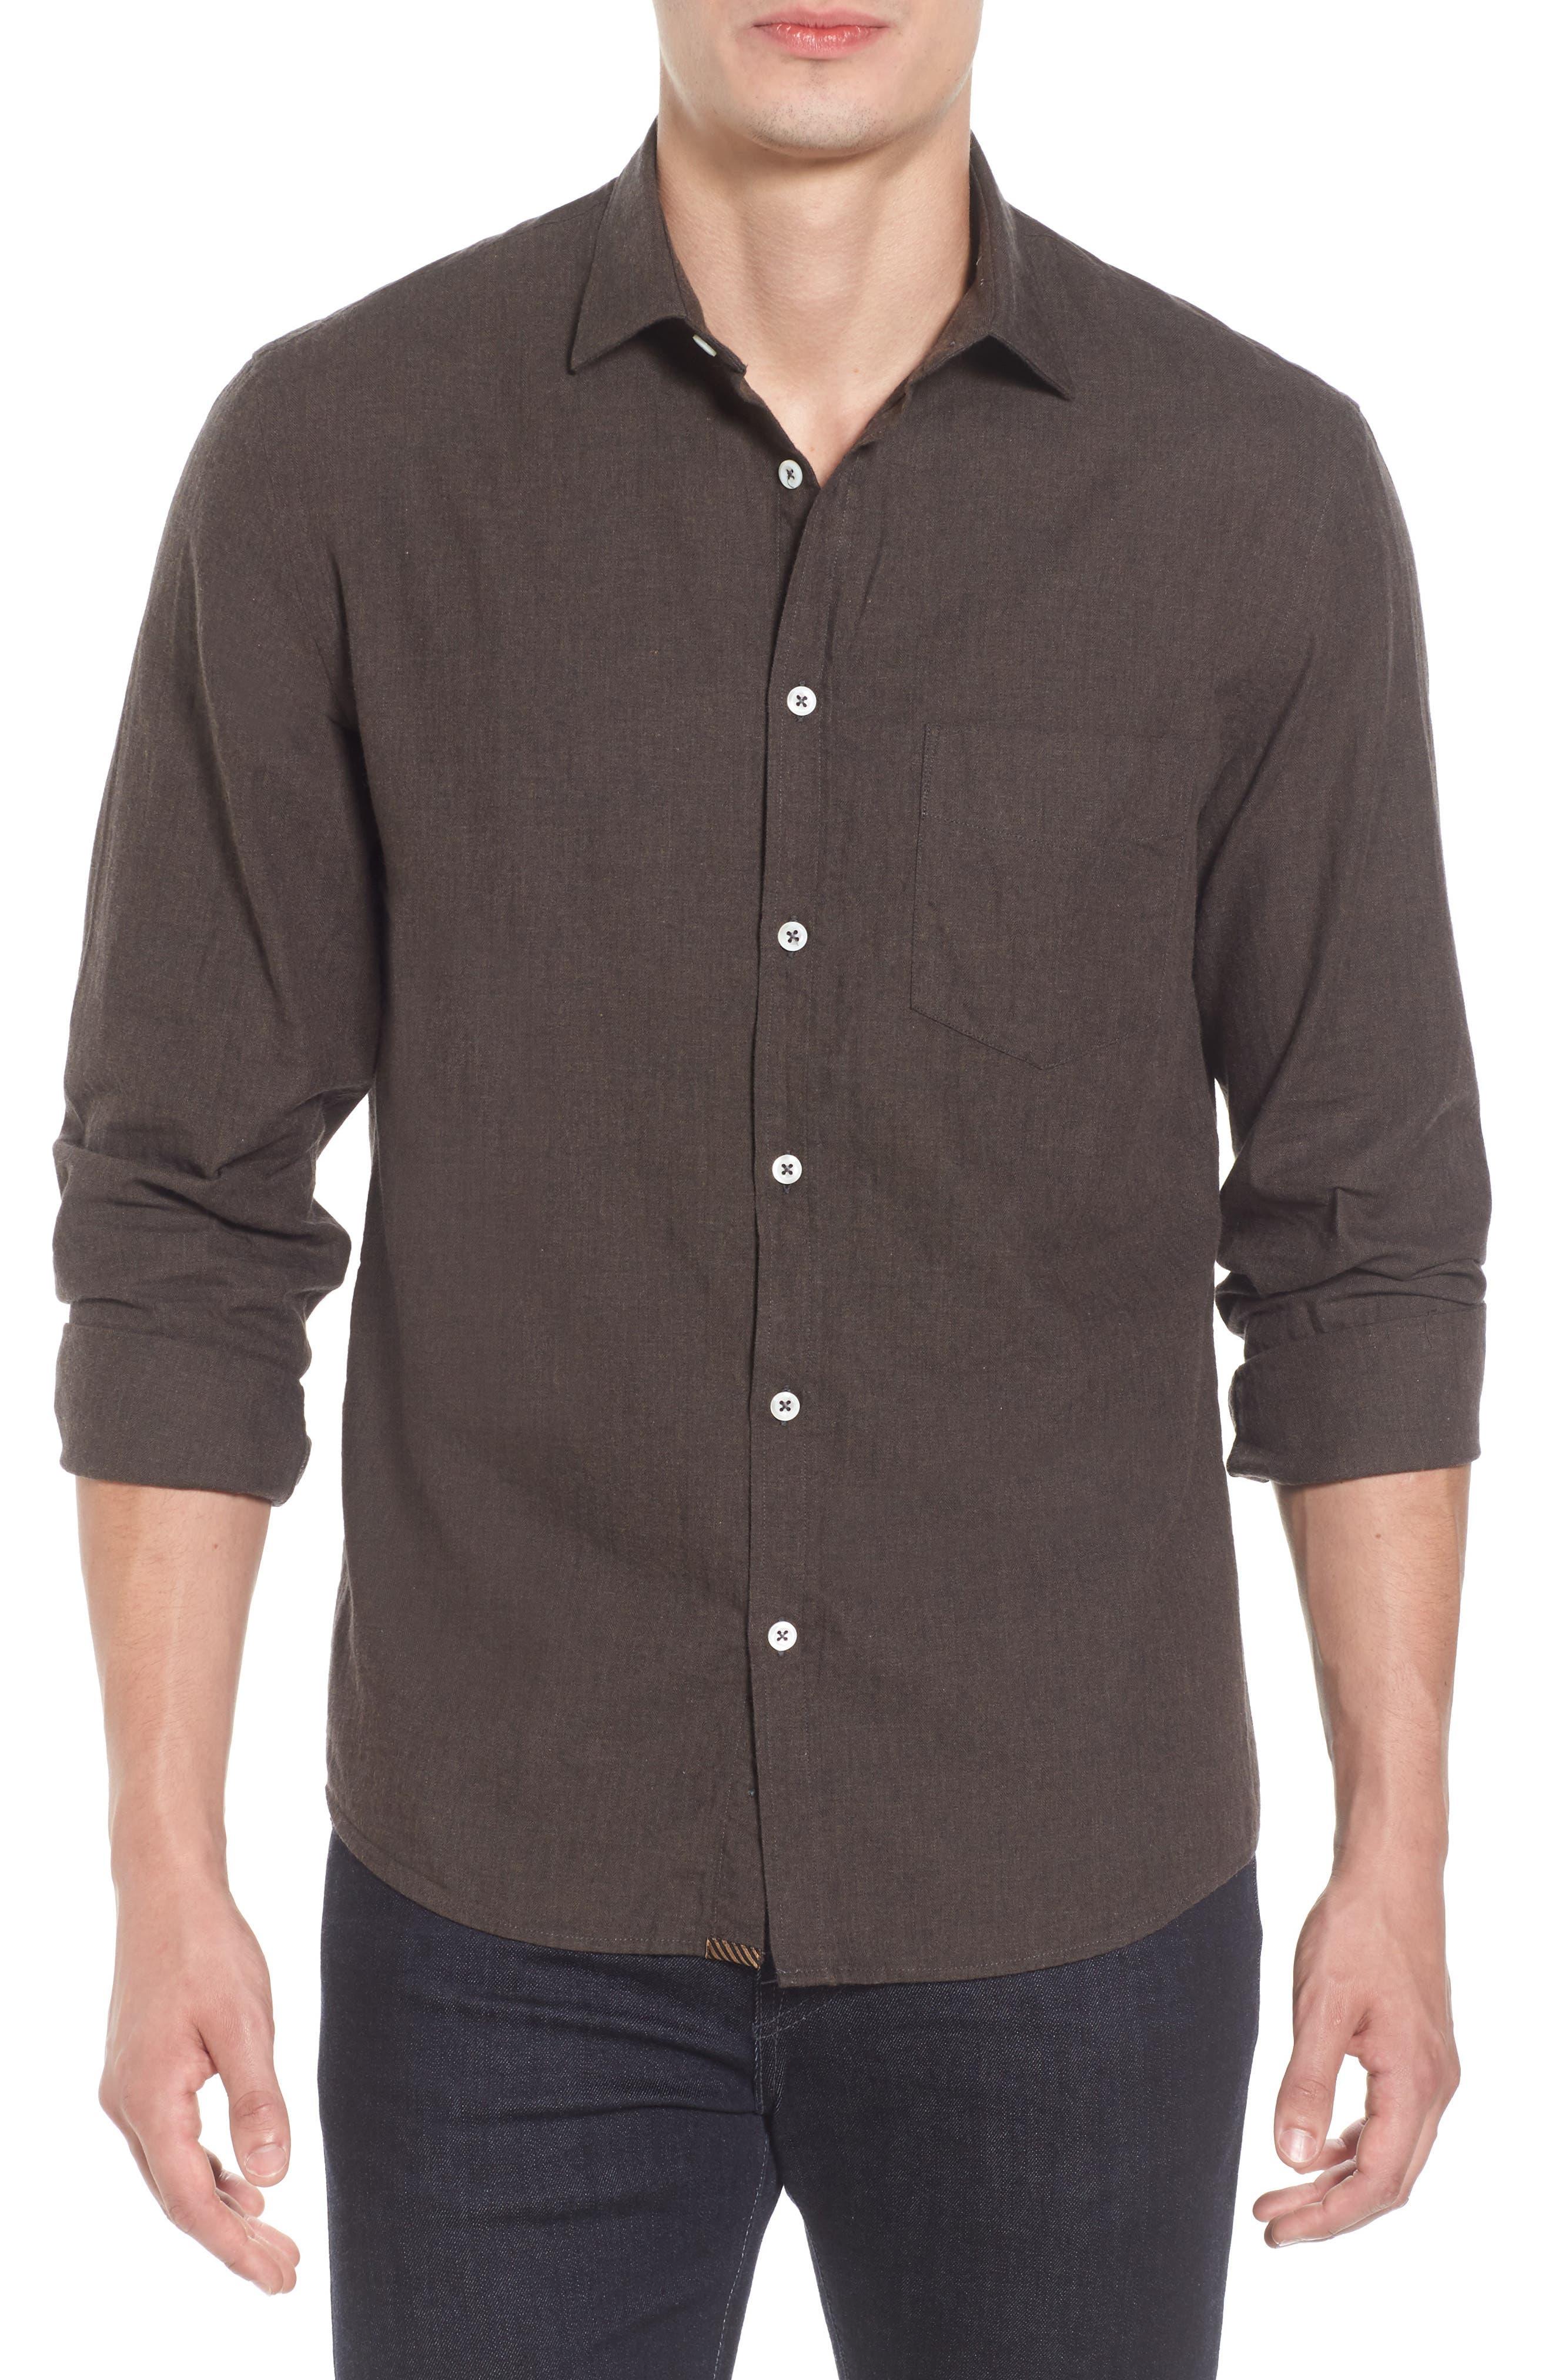 John T Standard Fit Herringbone Shirt,                         Main,                         color, Brown